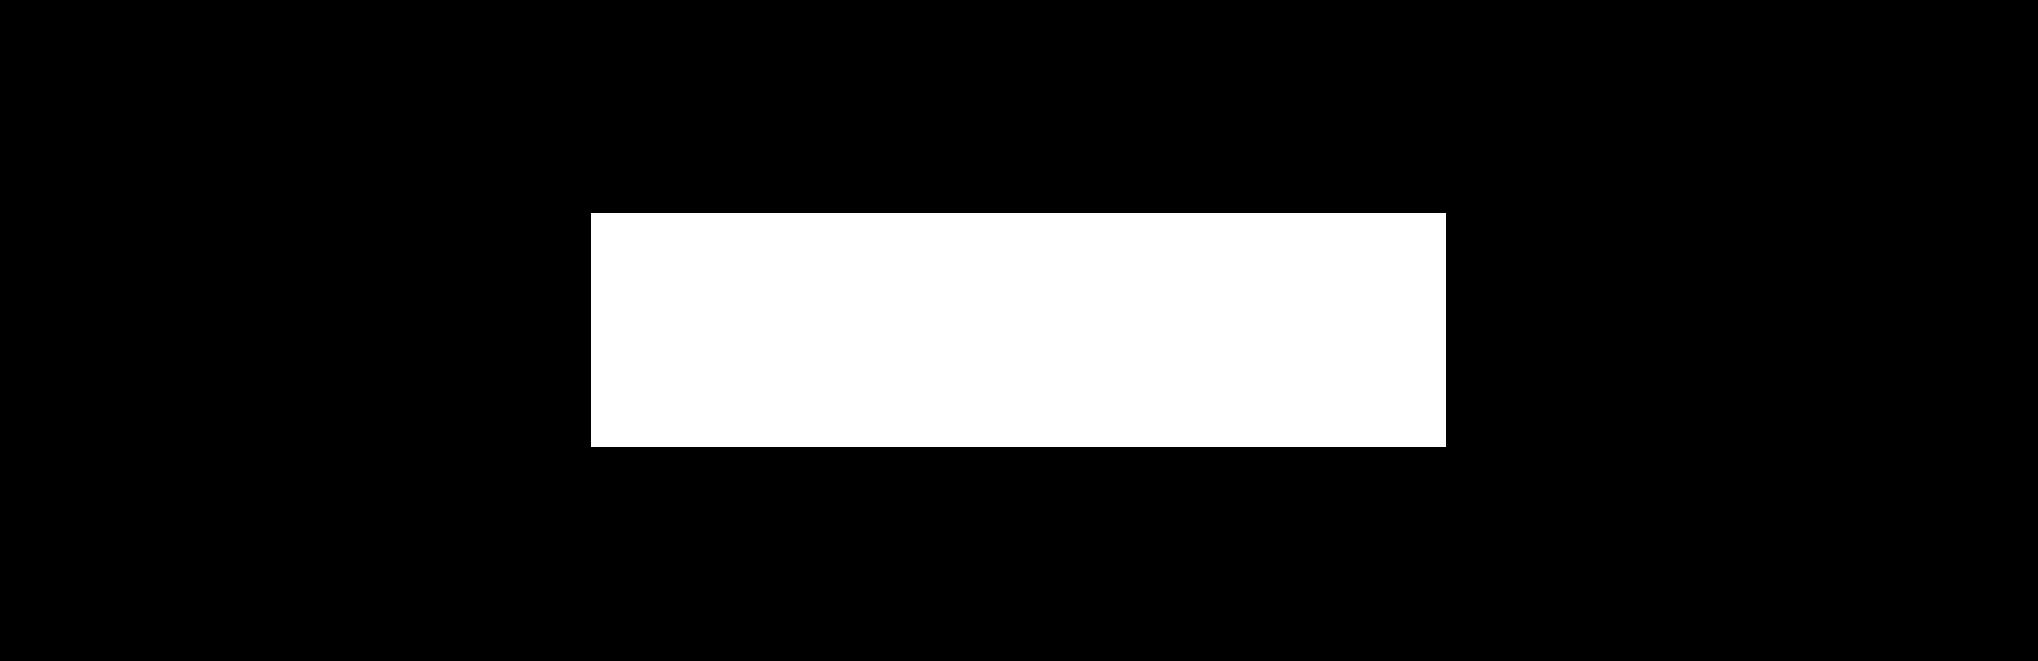 creative_data